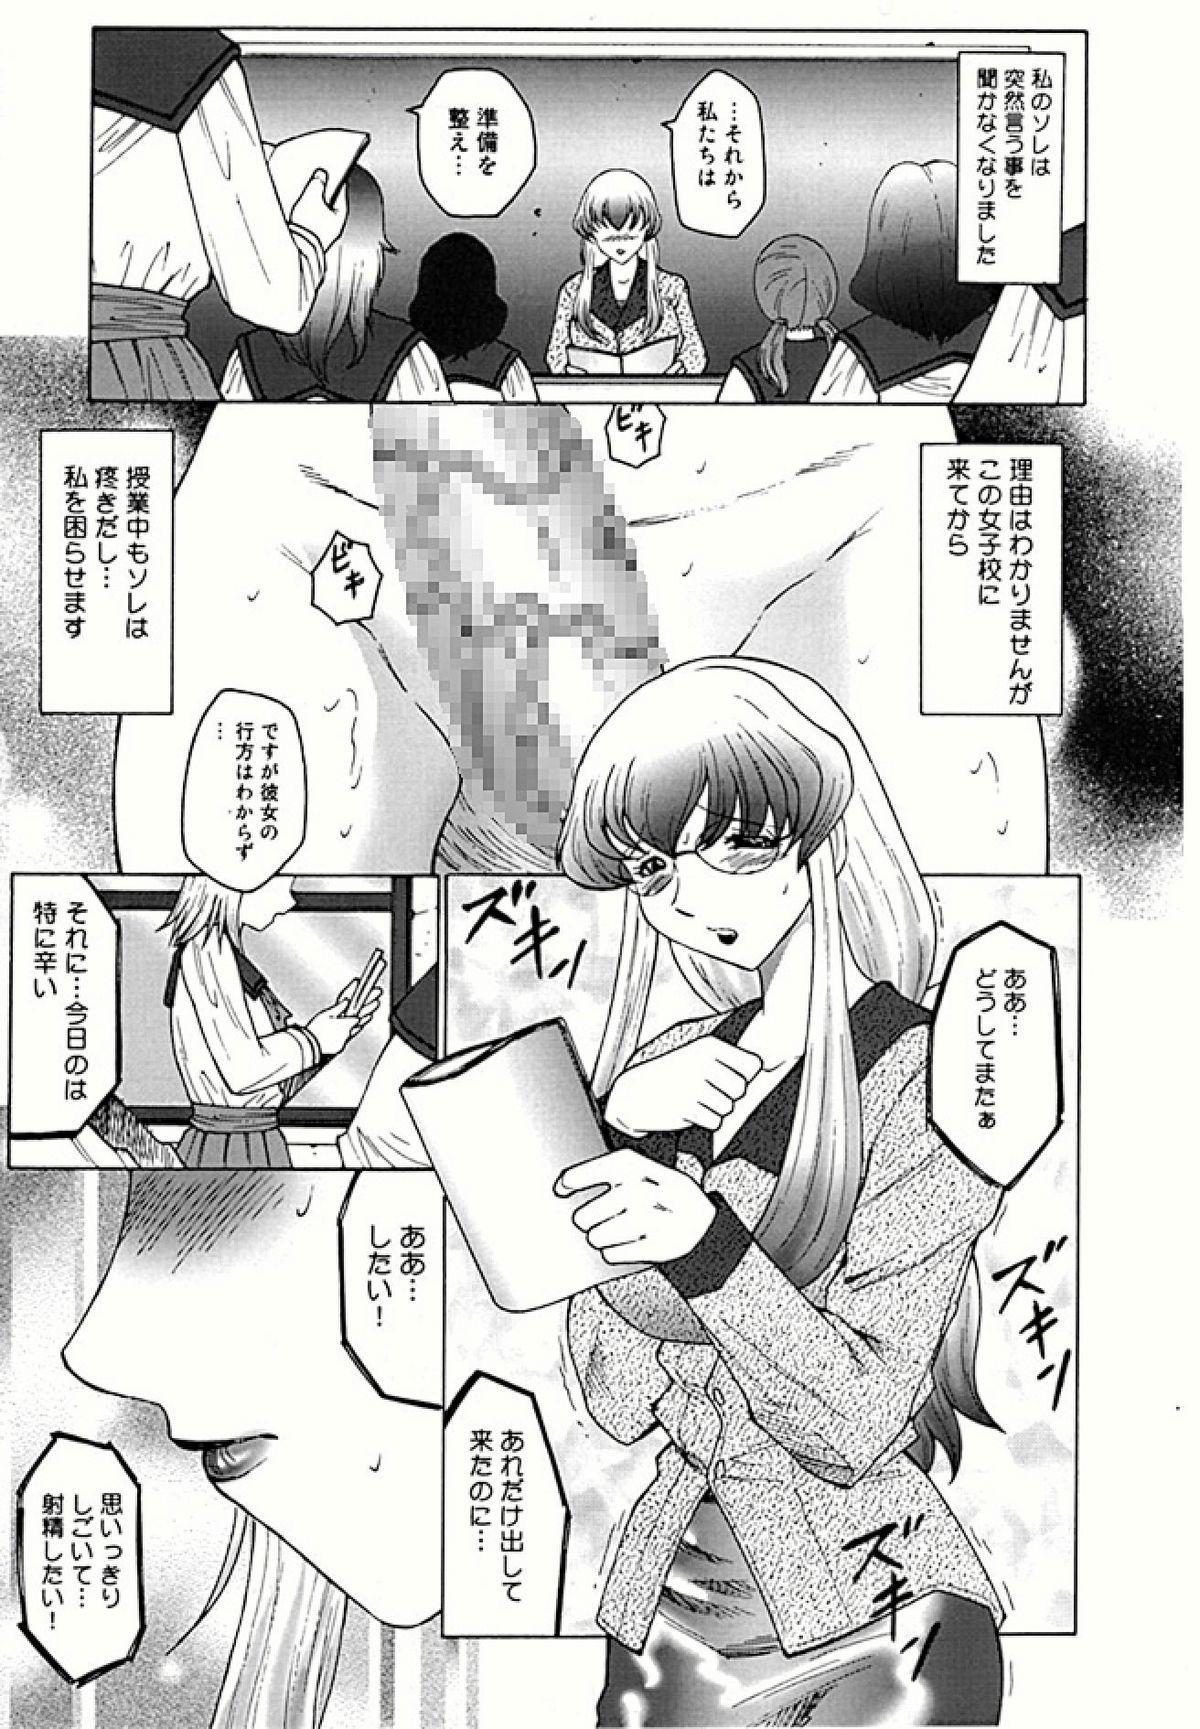 Futagami - Futanari Onna Kyoushi Zecchou Hiroku 6